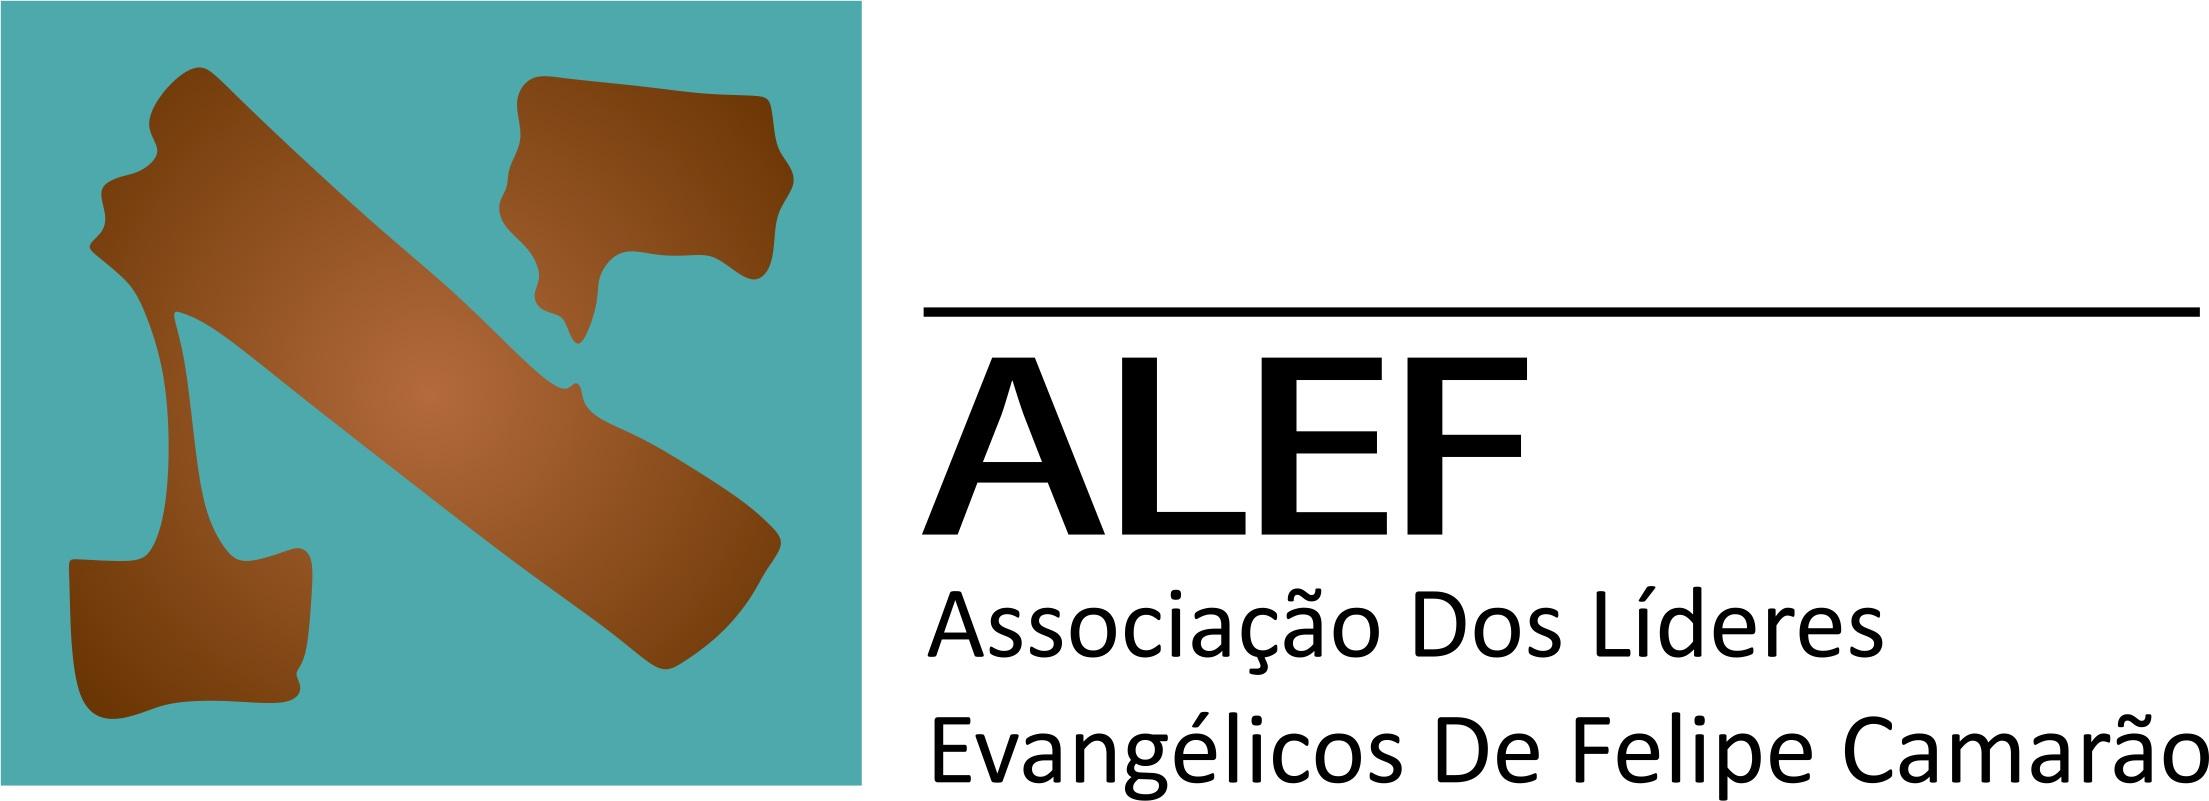 ALEF Associação de Líderes Evangélicos de Felipe Camarão